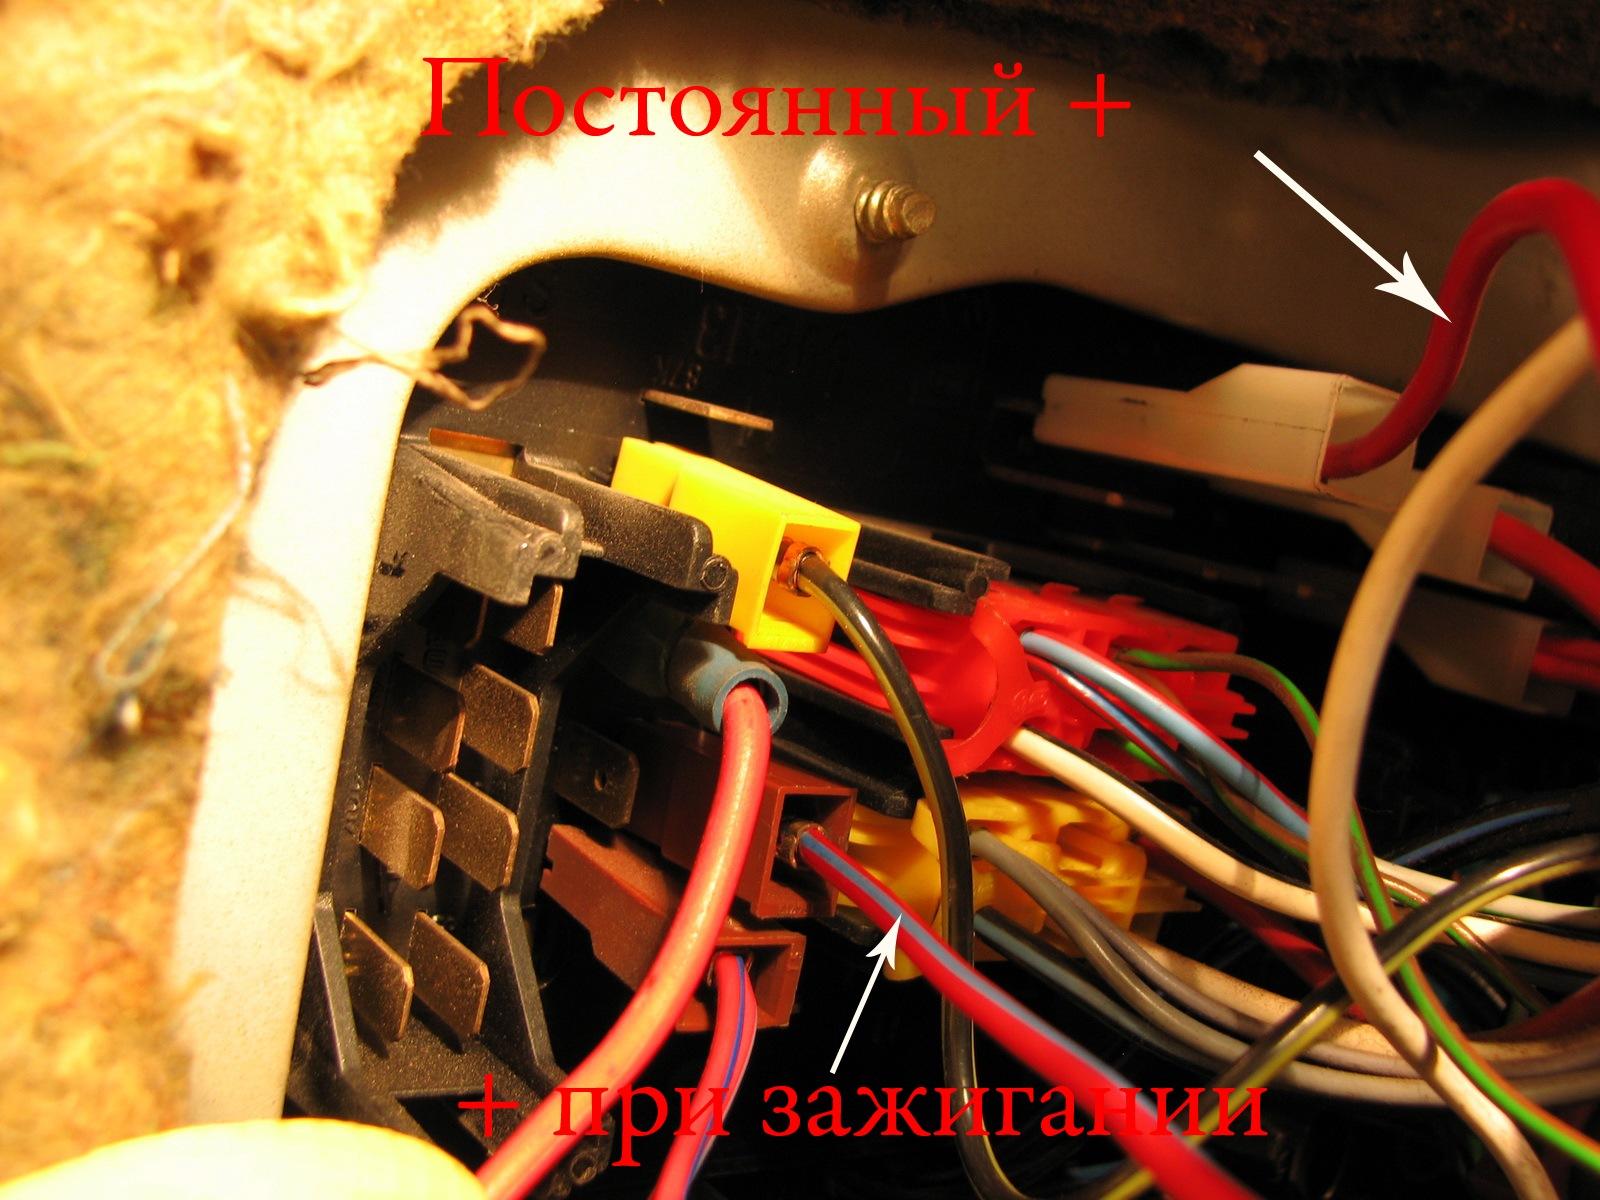 Подключить электростеклоподъемники своими руками